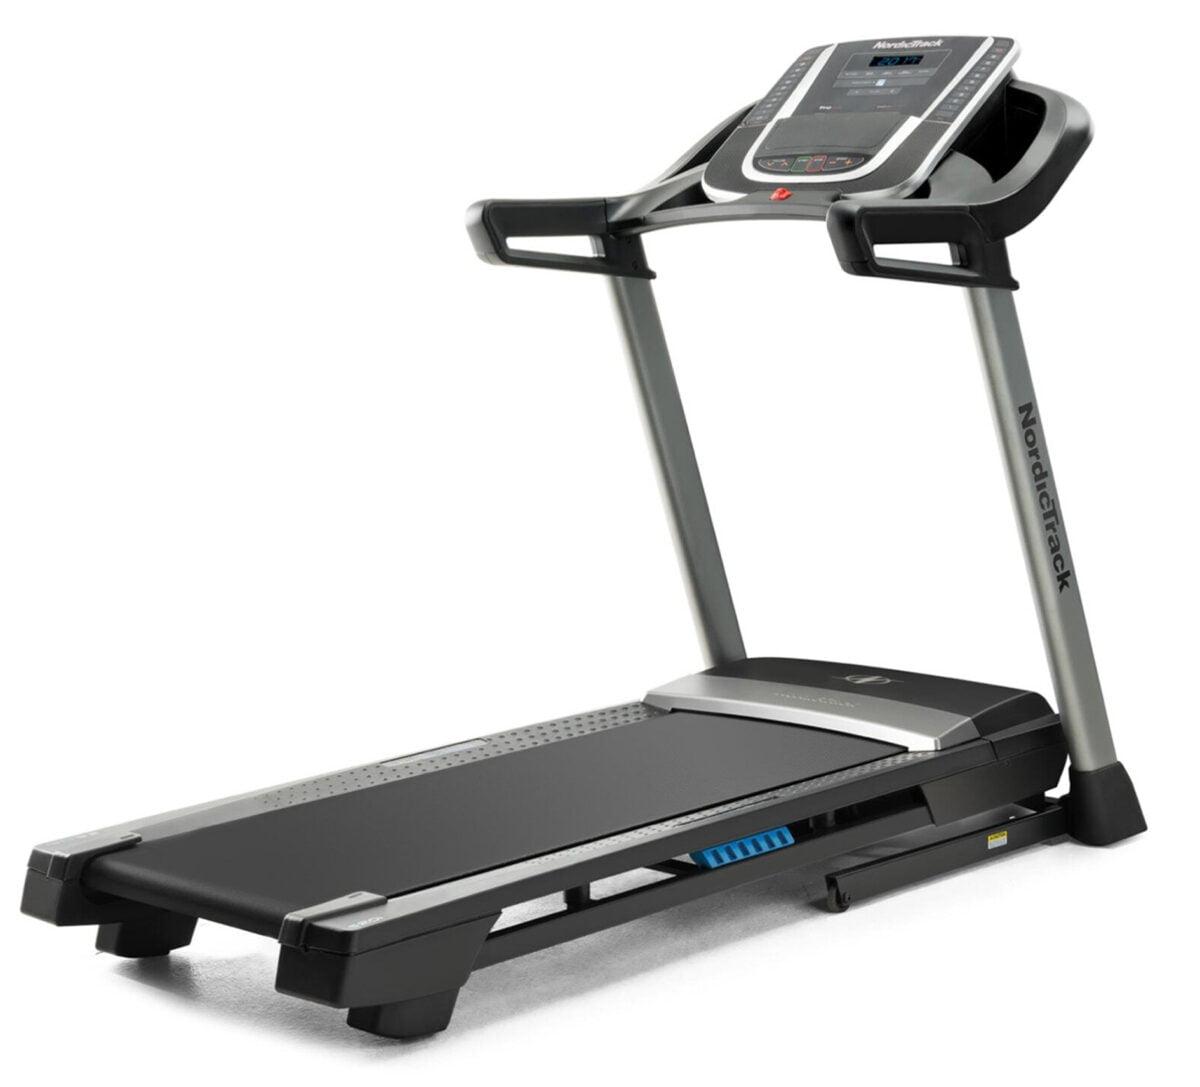 NordicTrack S20i Treadmill comparison